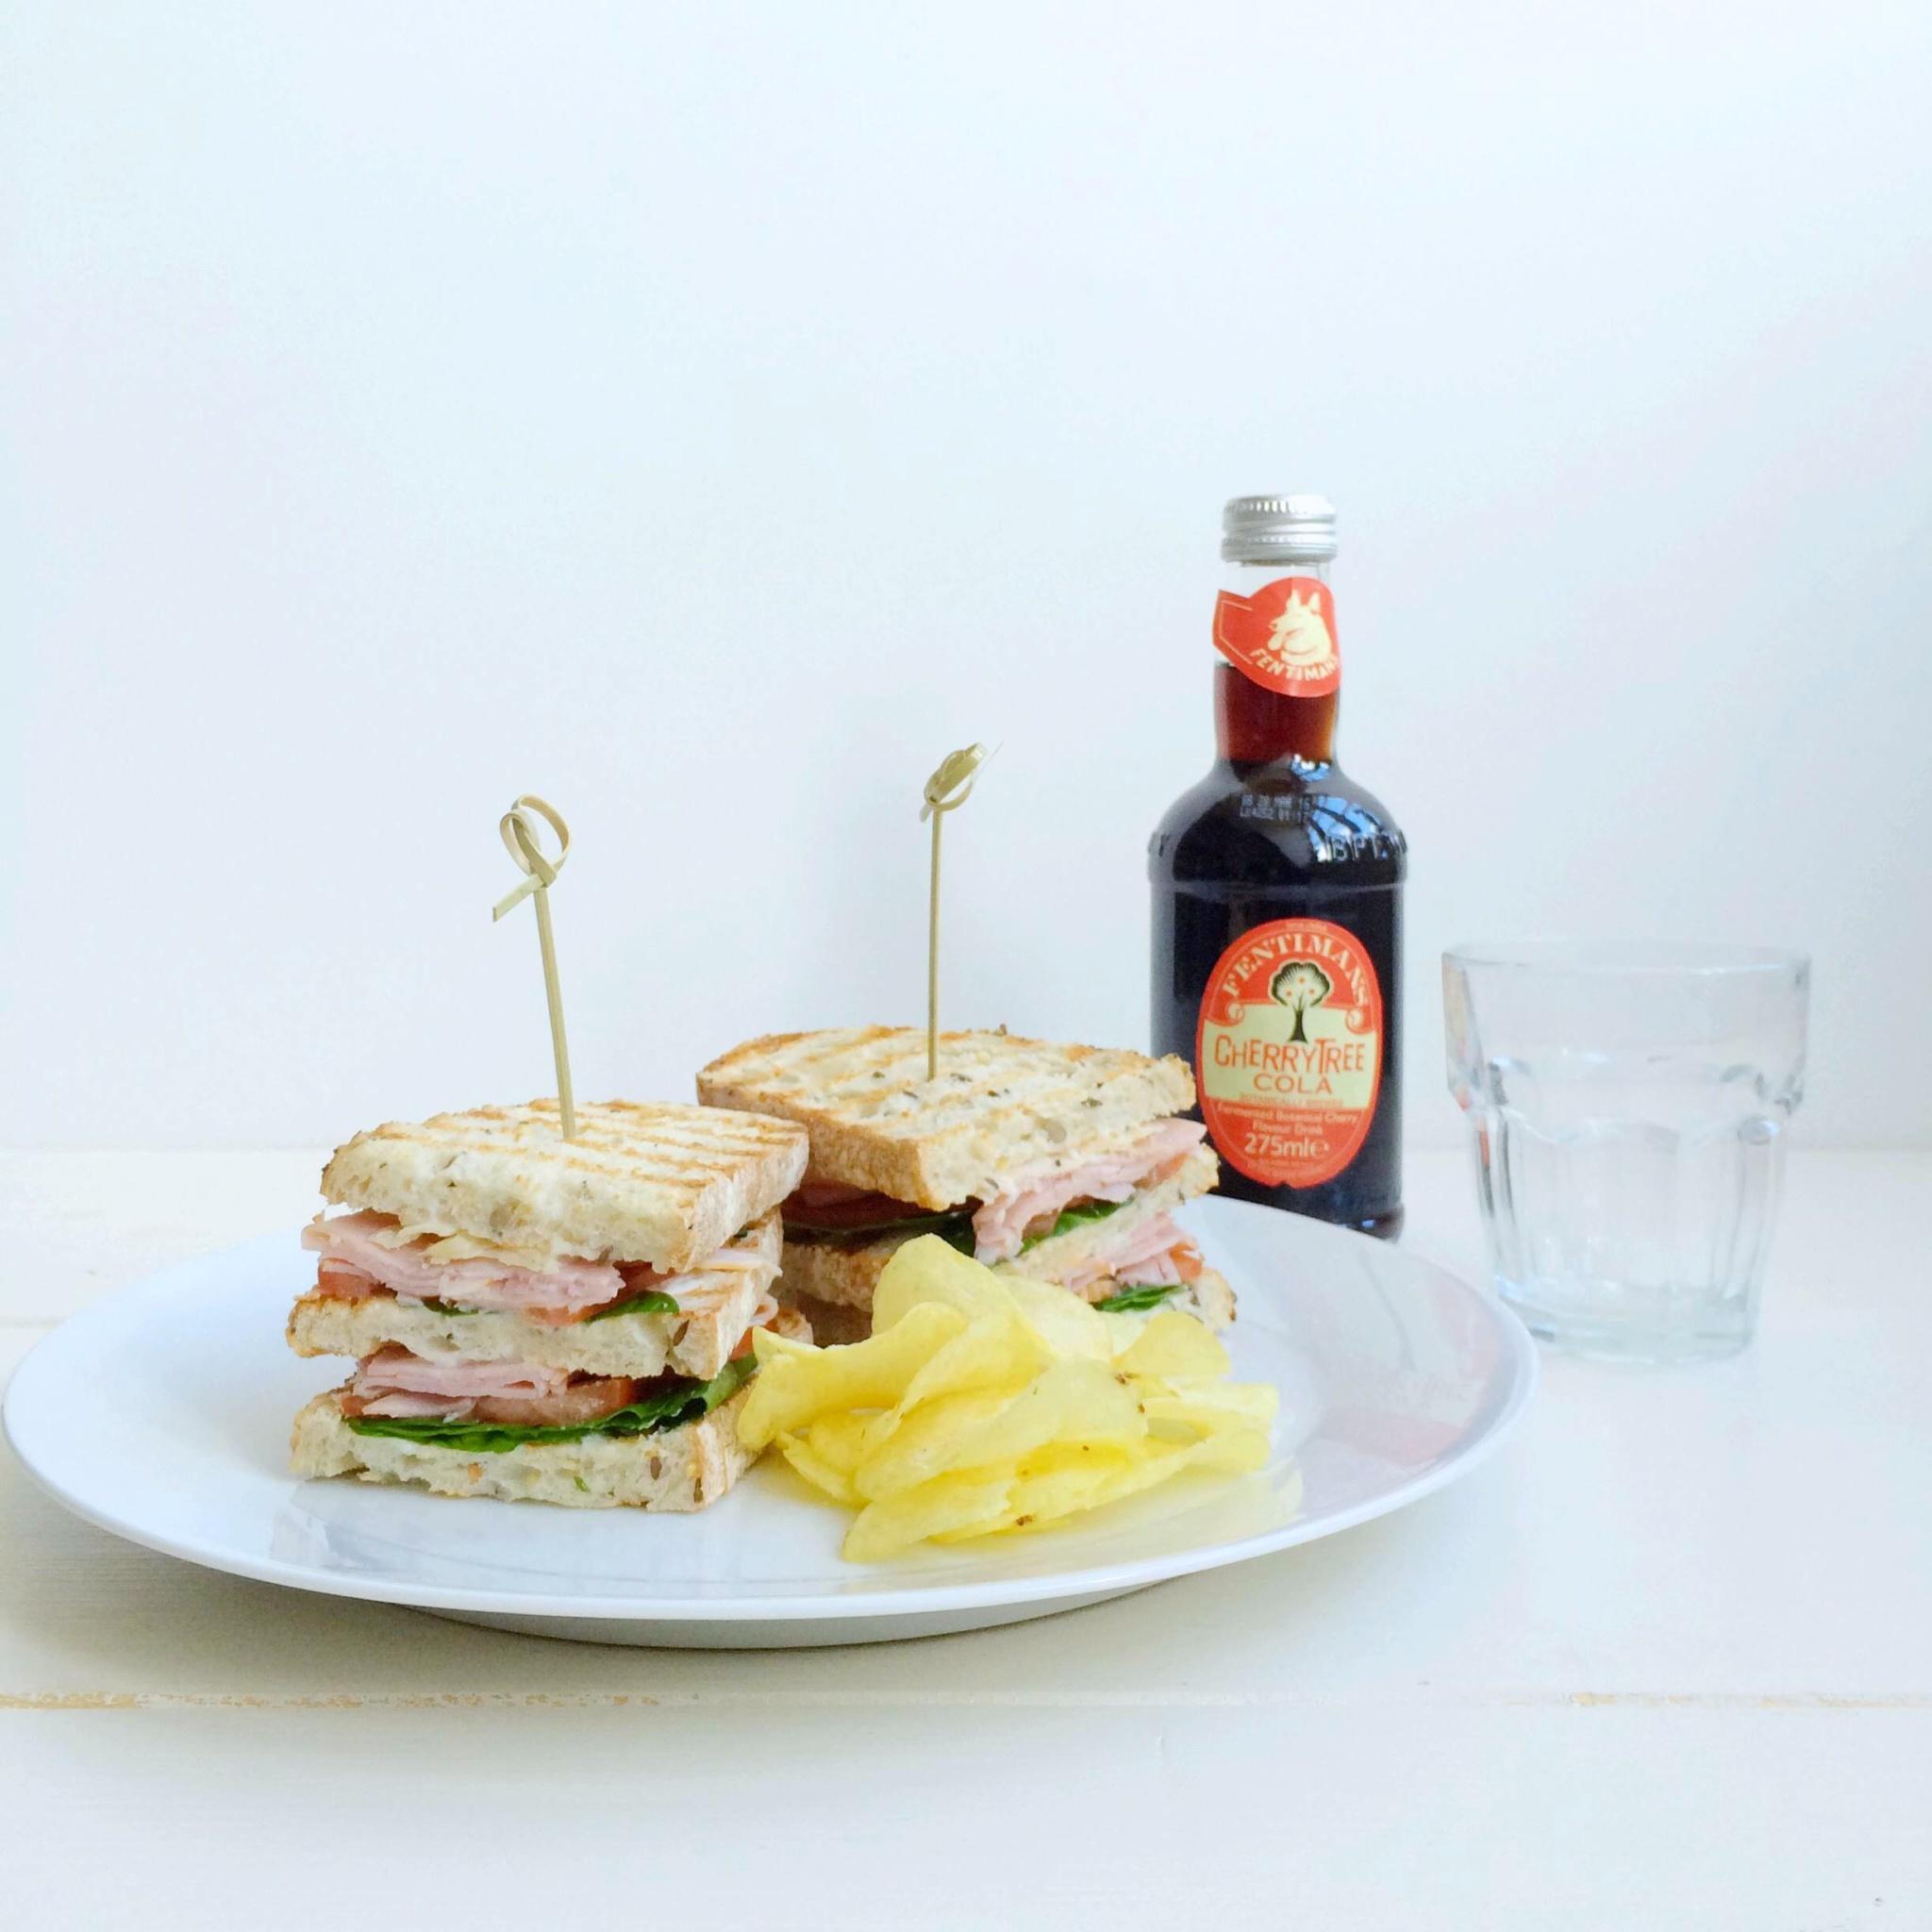 IMG 5722 - Club Sandwich Culinessa style